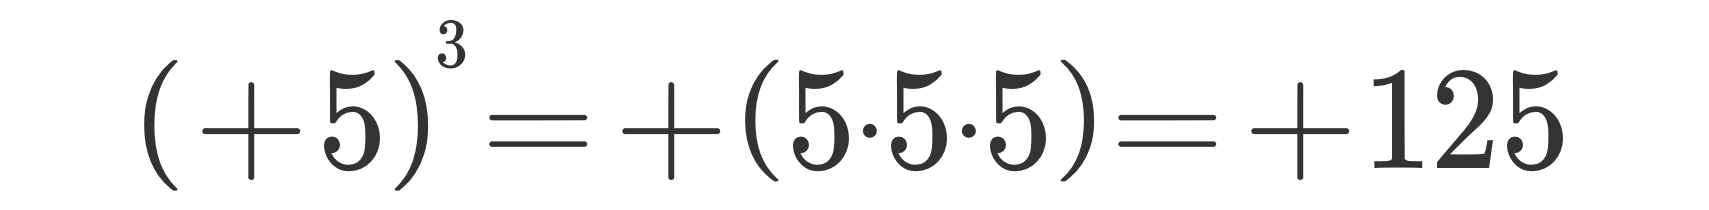 Potenza di numeri relativi 5